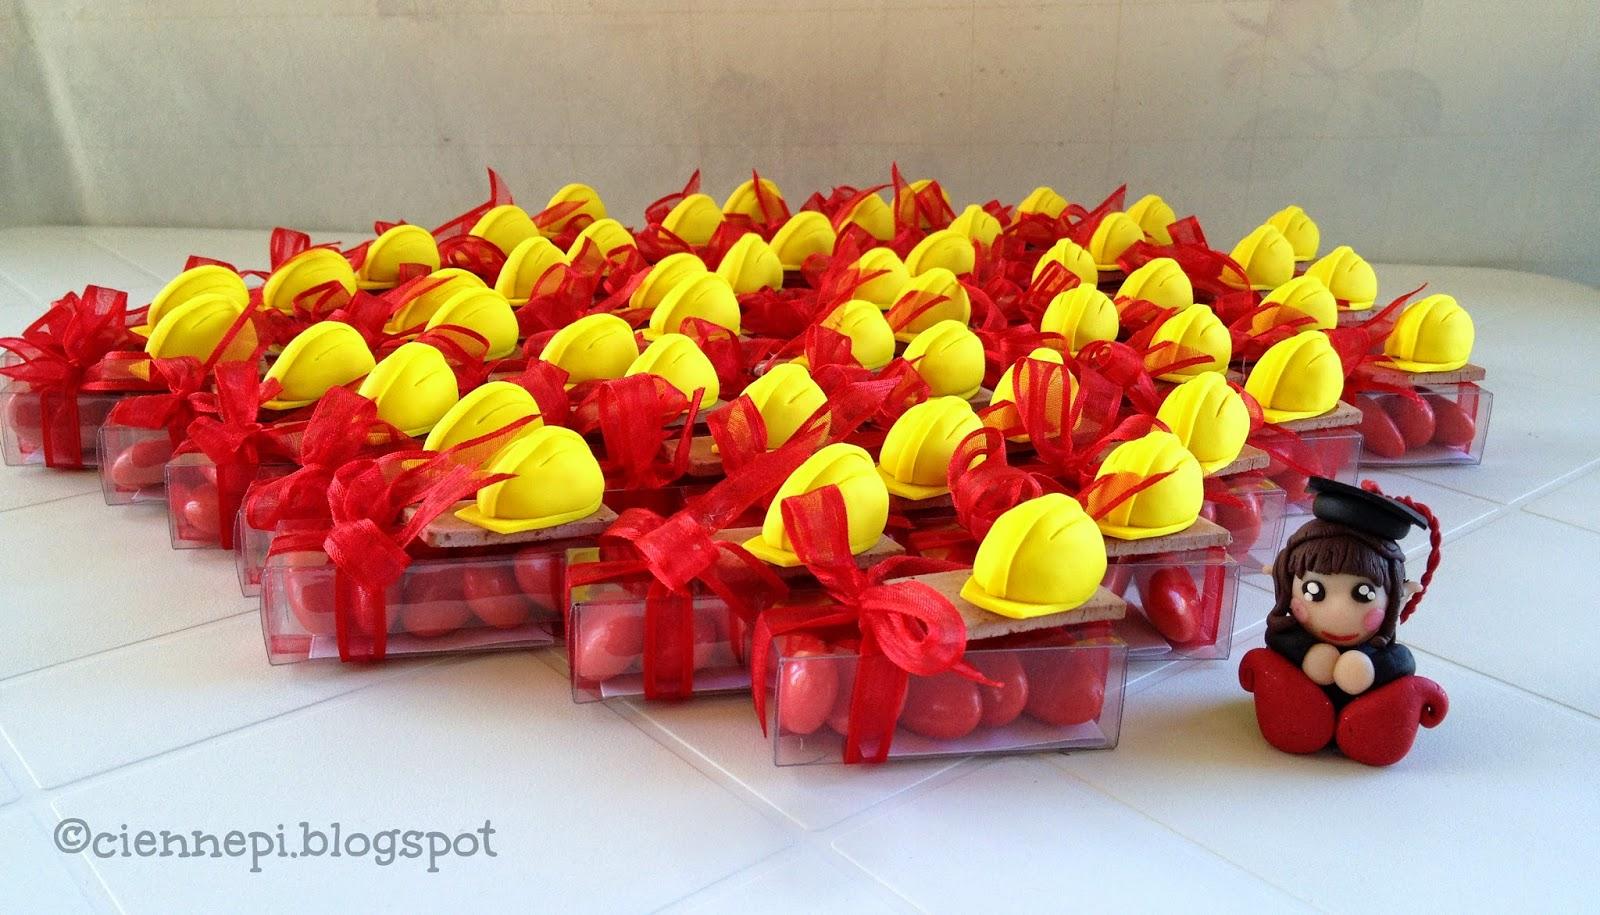 caschi gialli per nuovi ingegneri